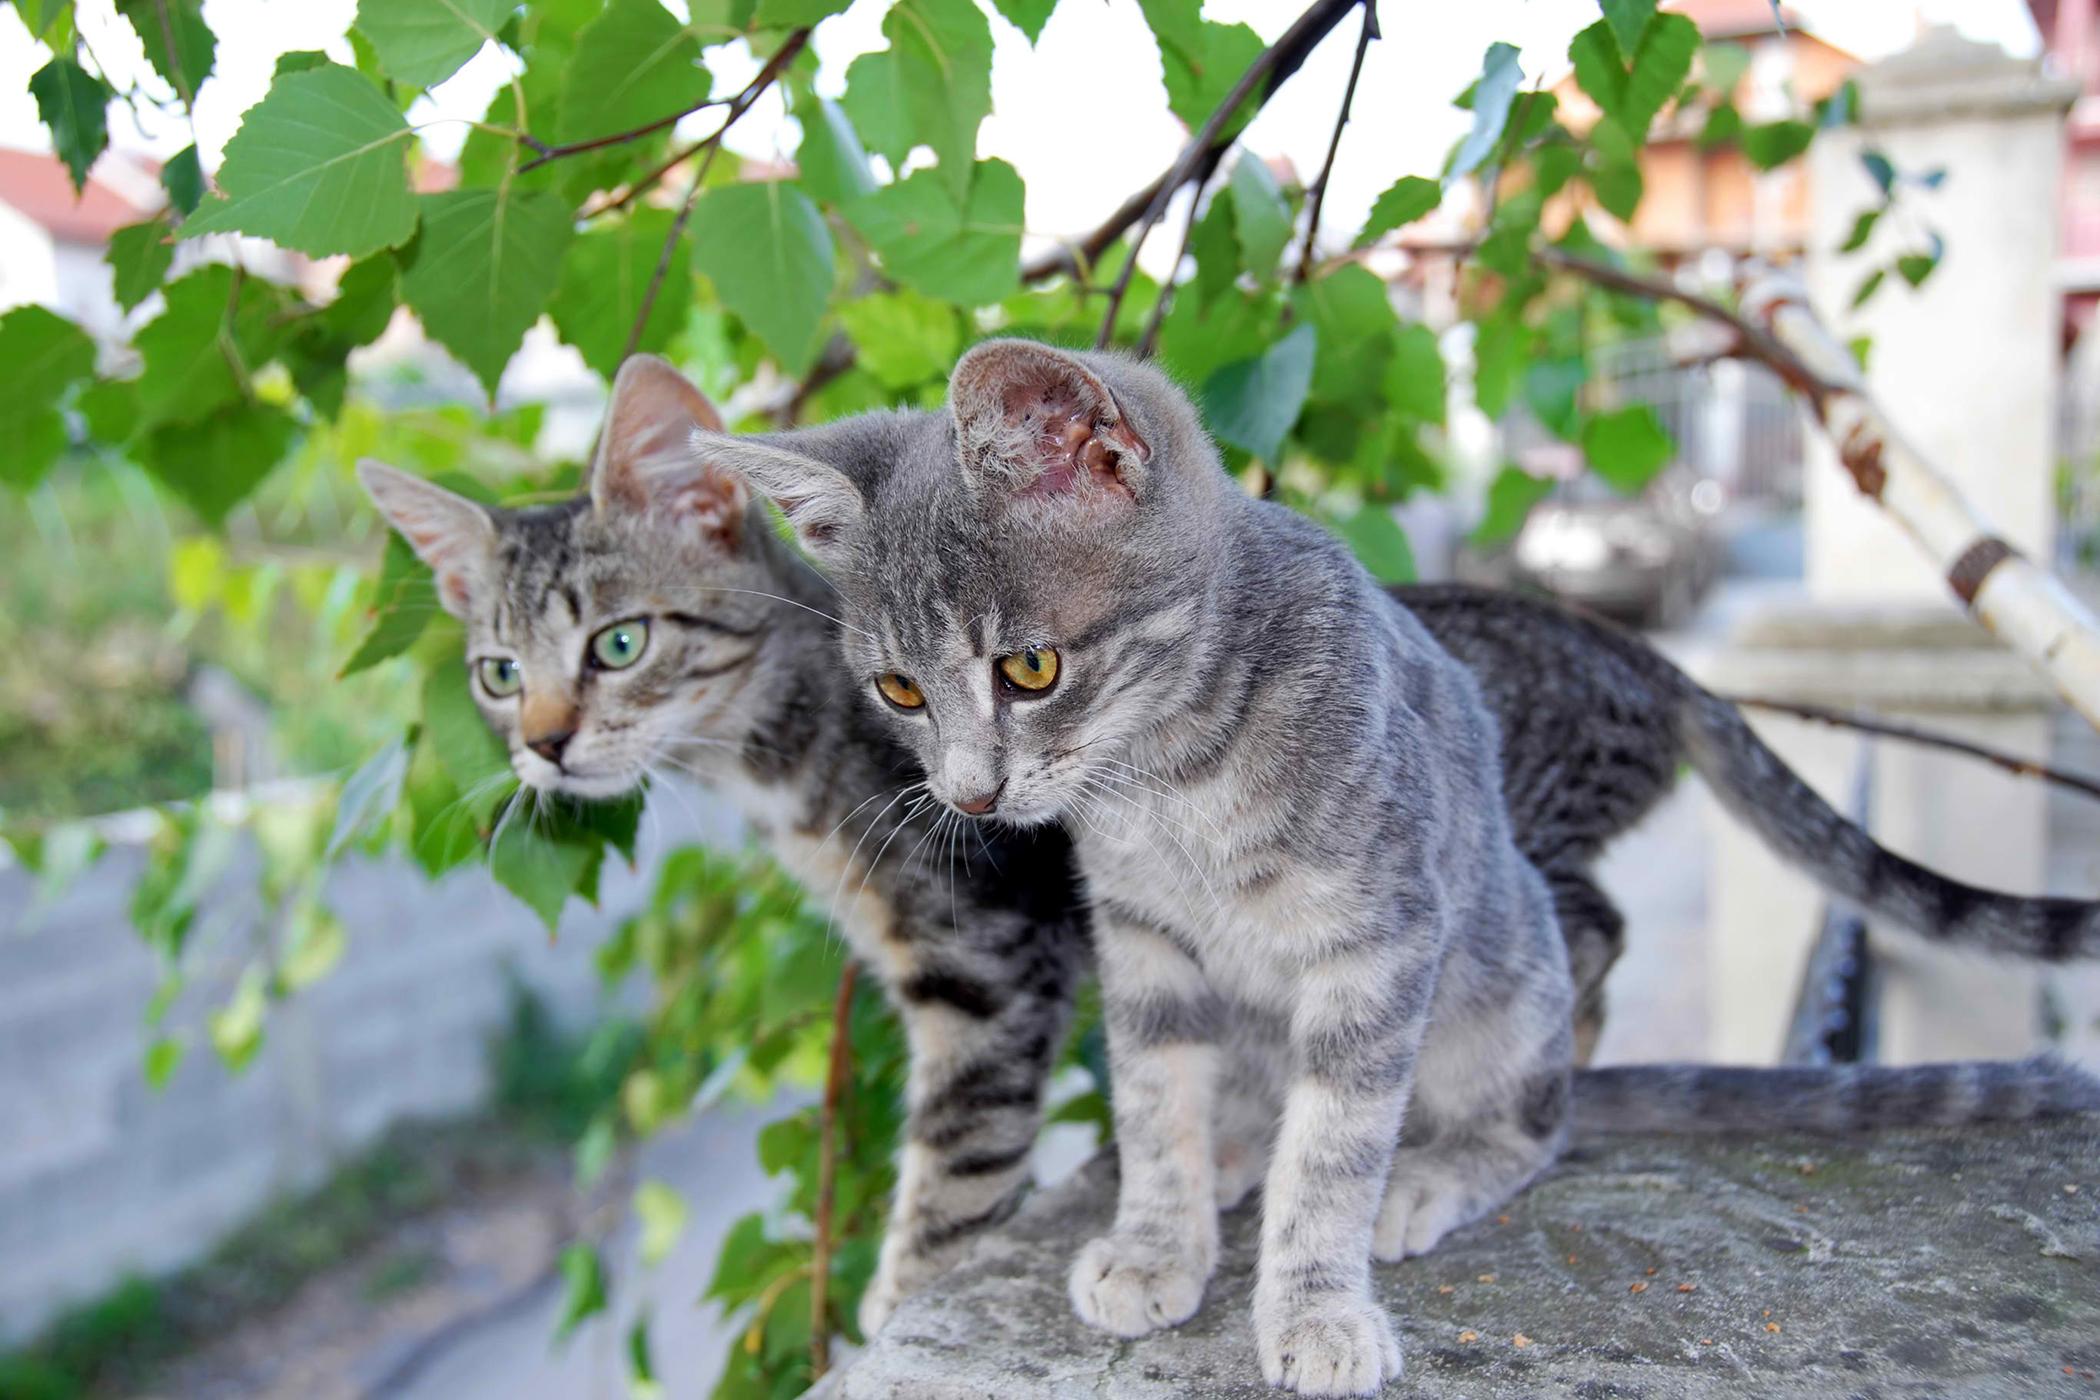 Microsporidiosis Encephalitozoonosis in Cats